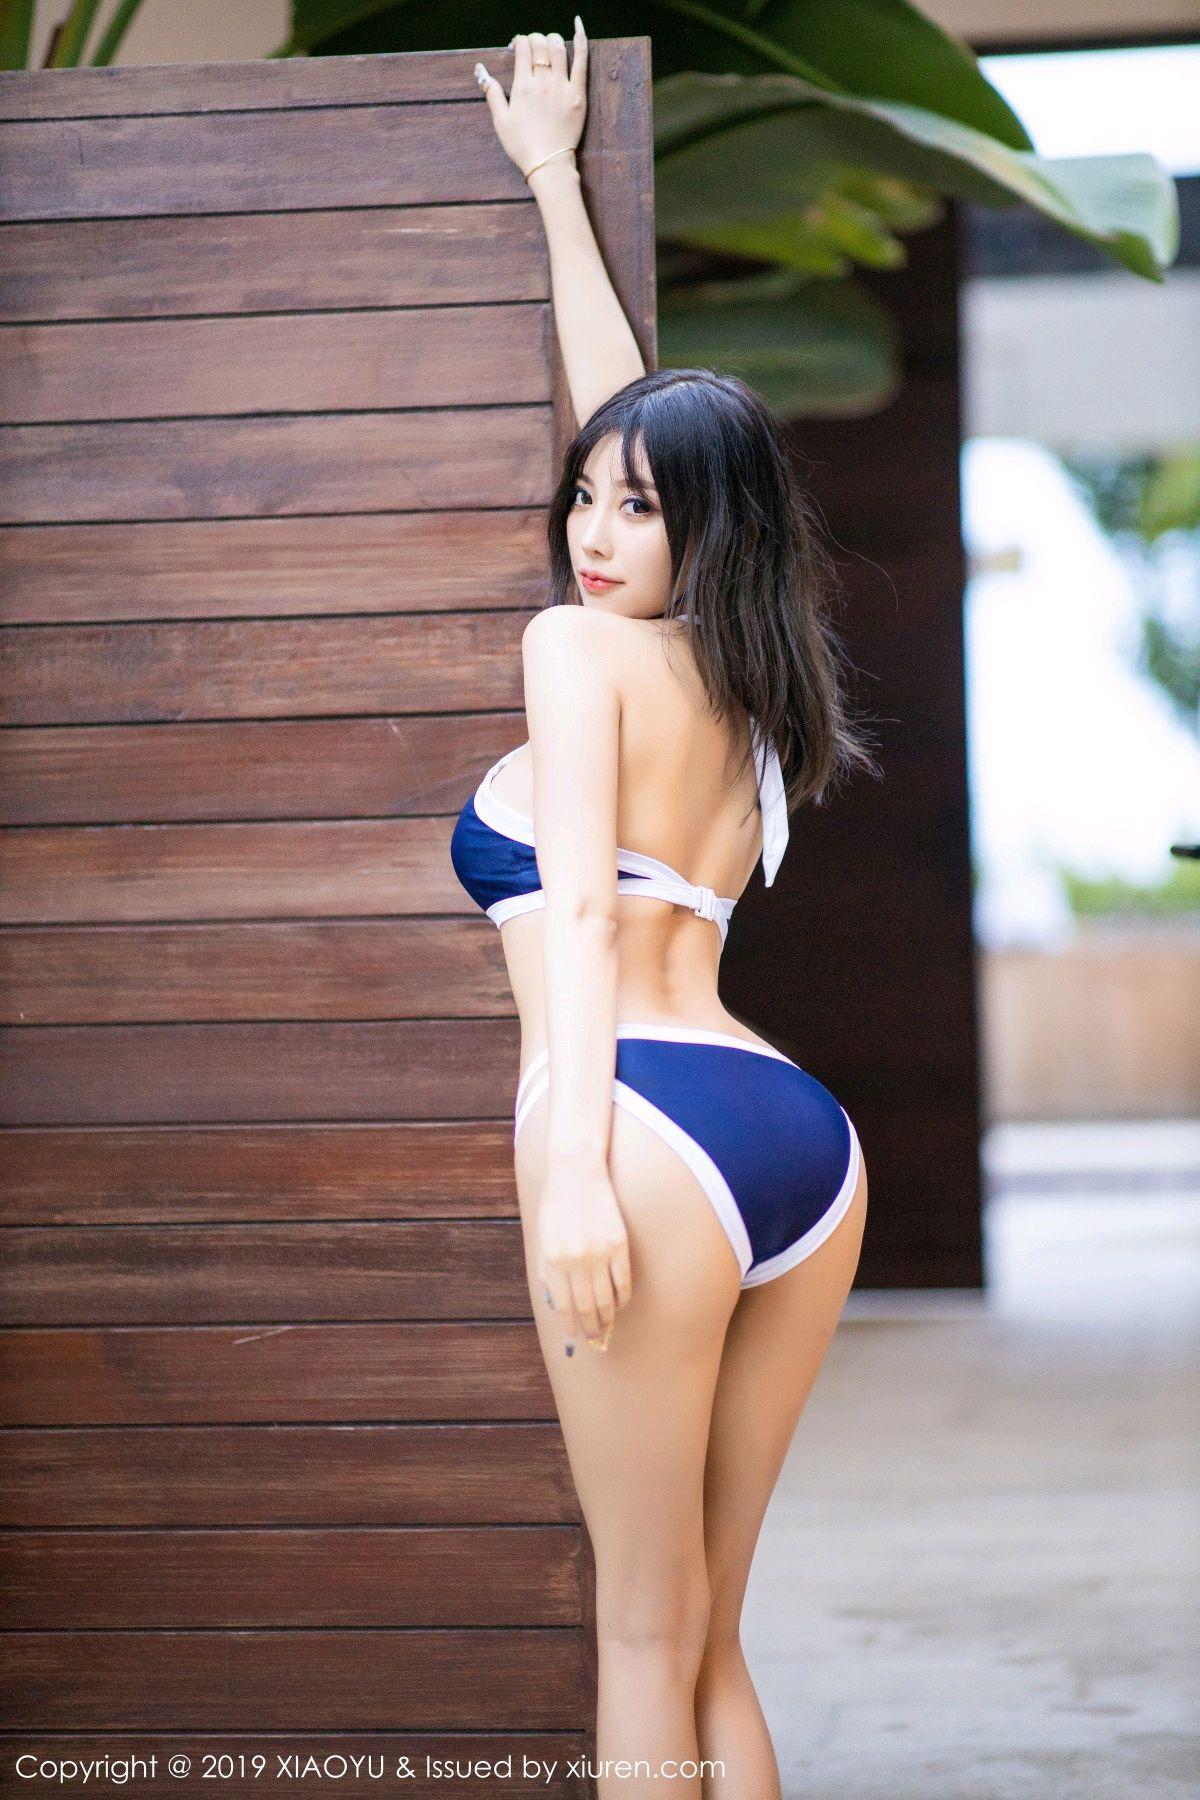 [XiaoYu] Vol.194 Yang Chen Chen 59P, Bikini, XiaoYu, Yang Chen Chen